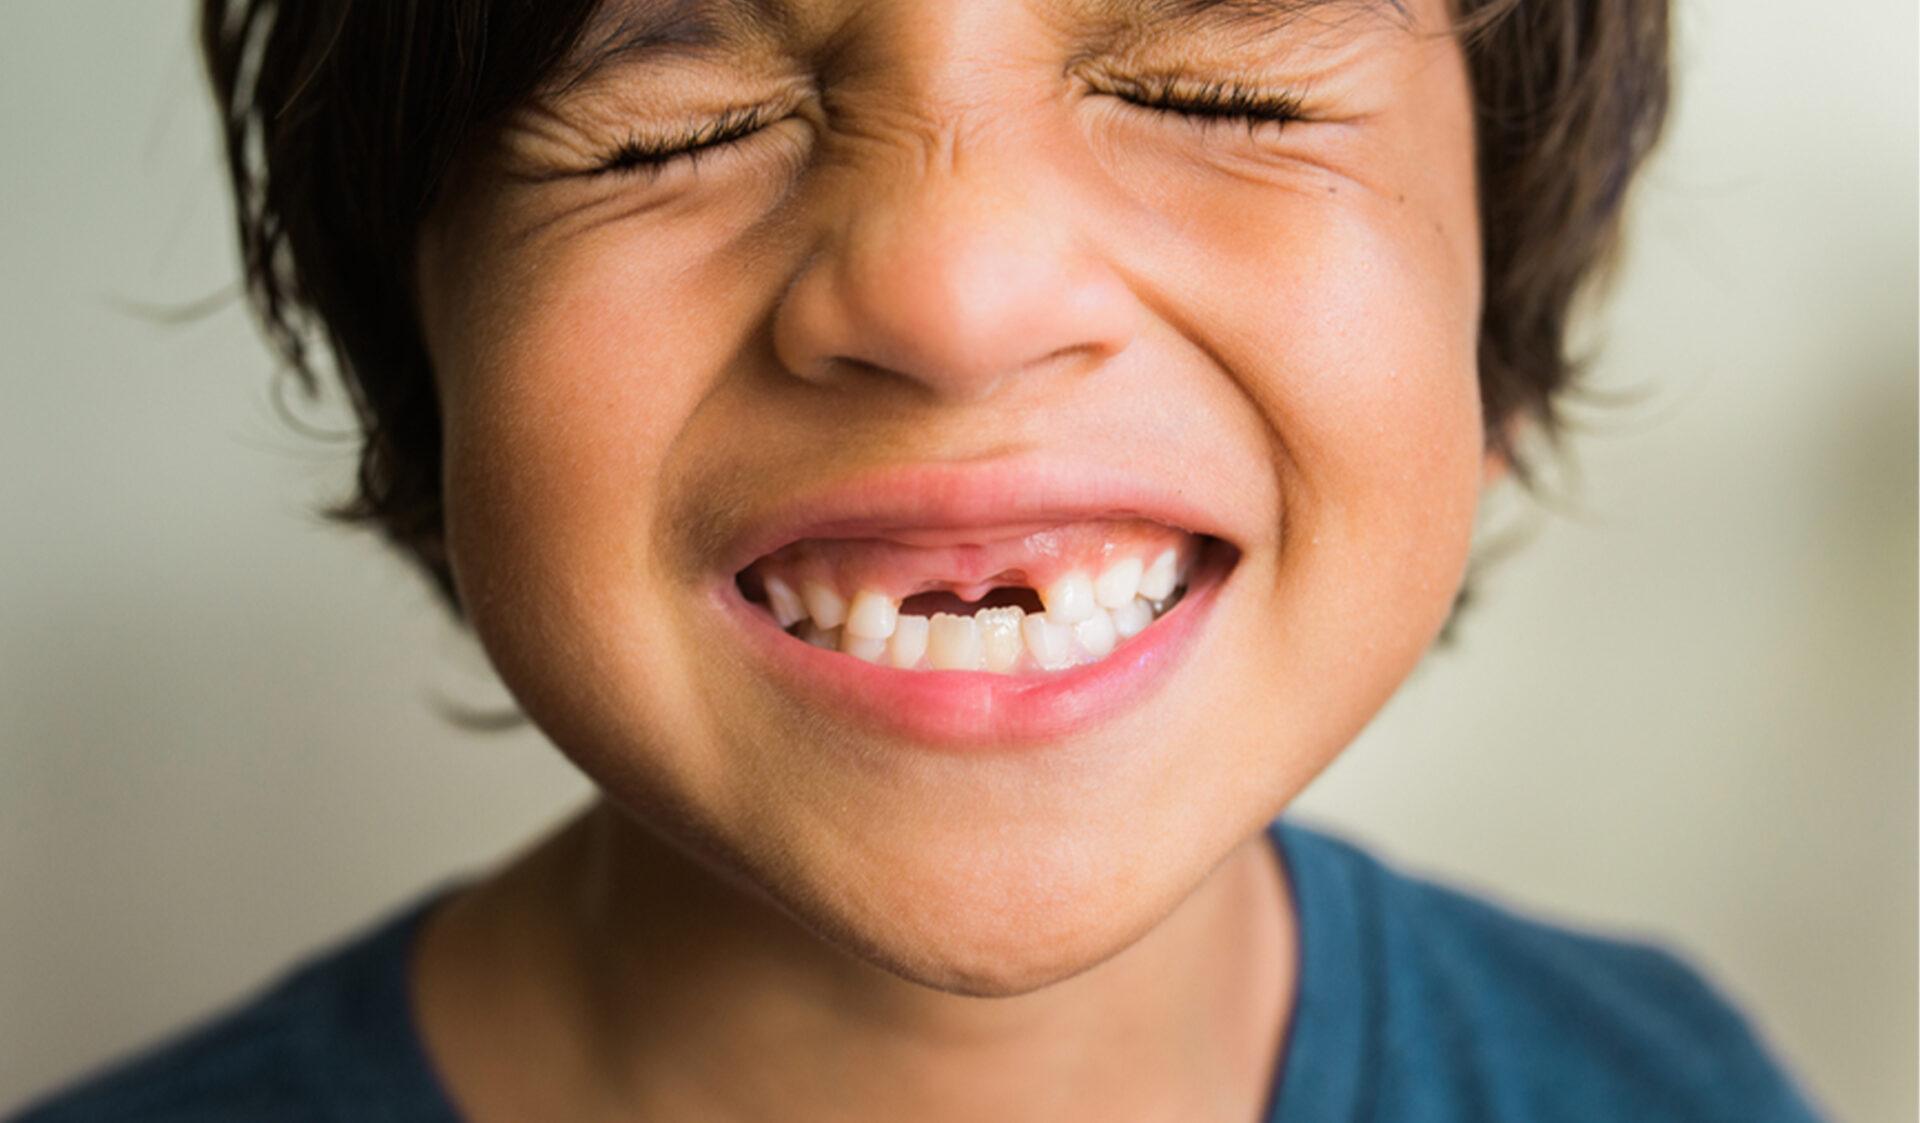 encinitas-dental-designs-services-emergency-dental-services